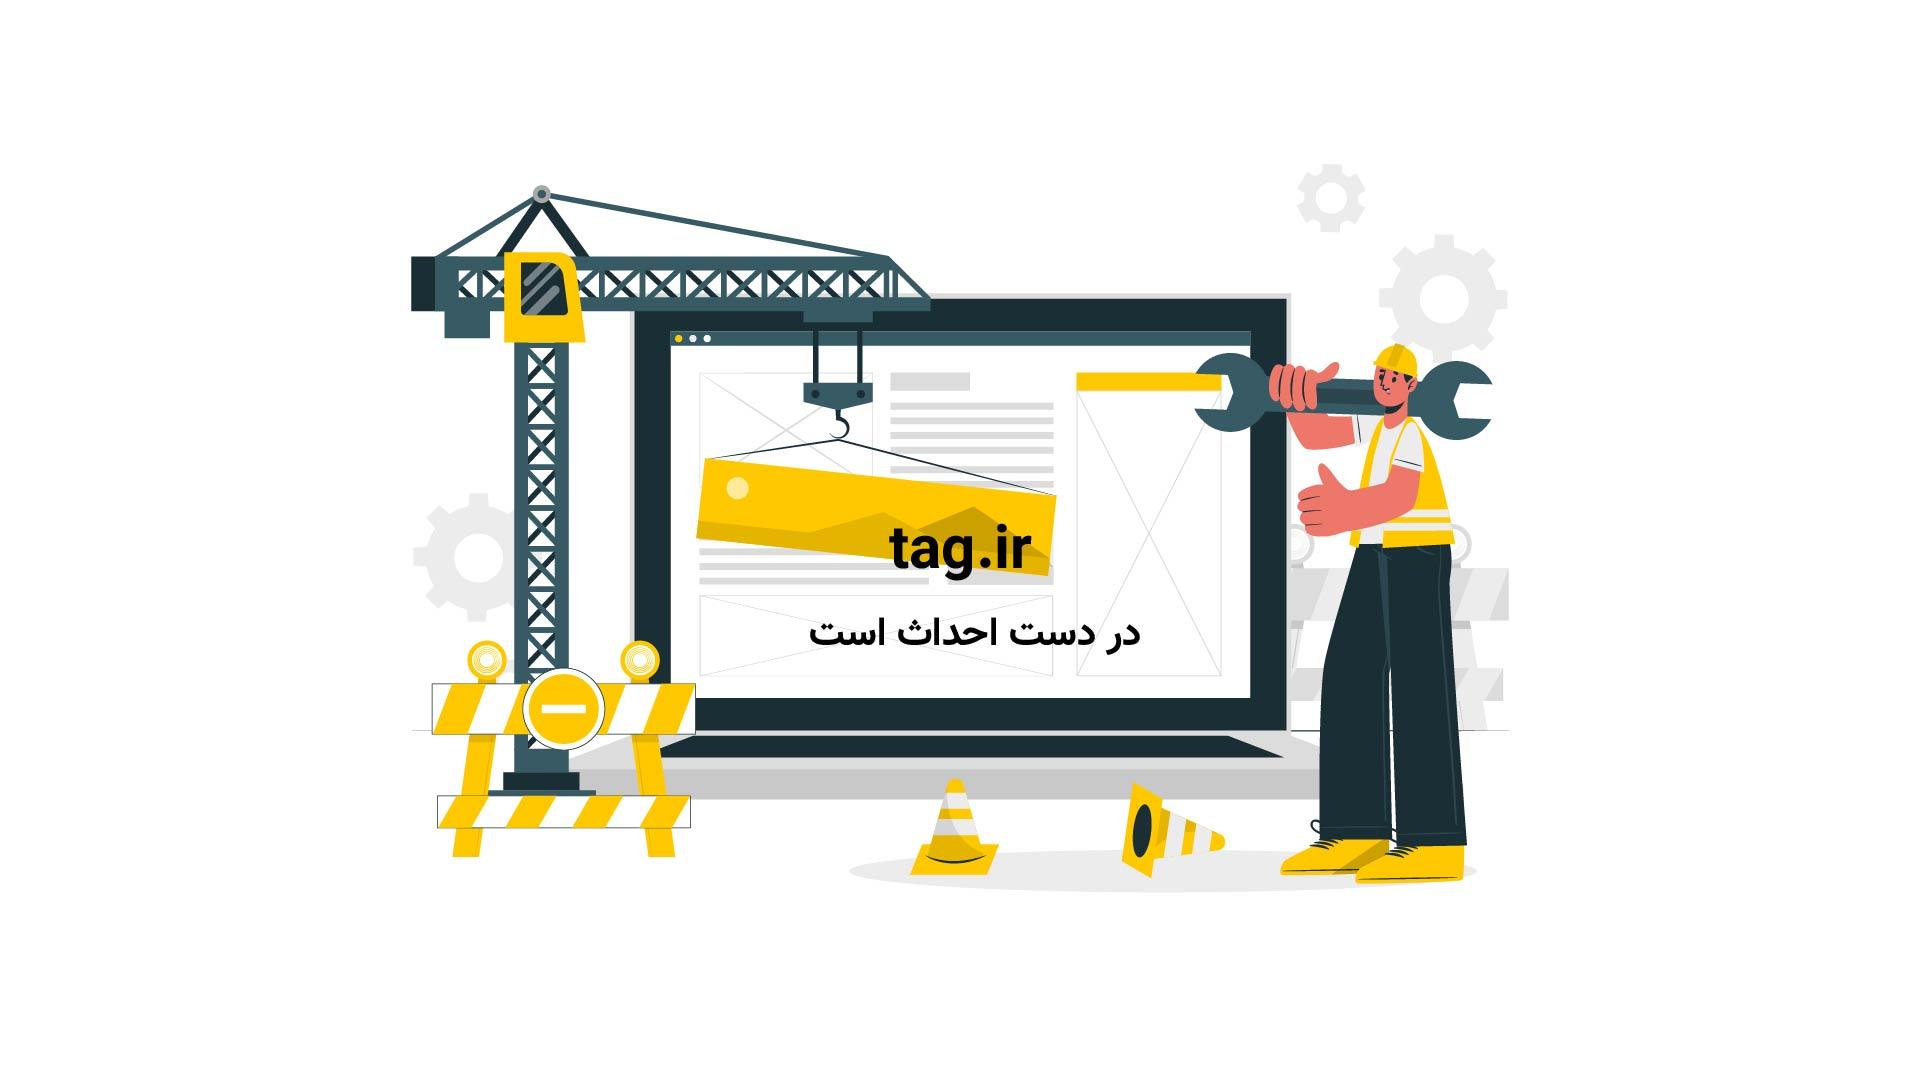 سخنرانیهای تد؛ چگونه برای تغییرات اجتماعی سرمایهگذاری کنیم | فیلم